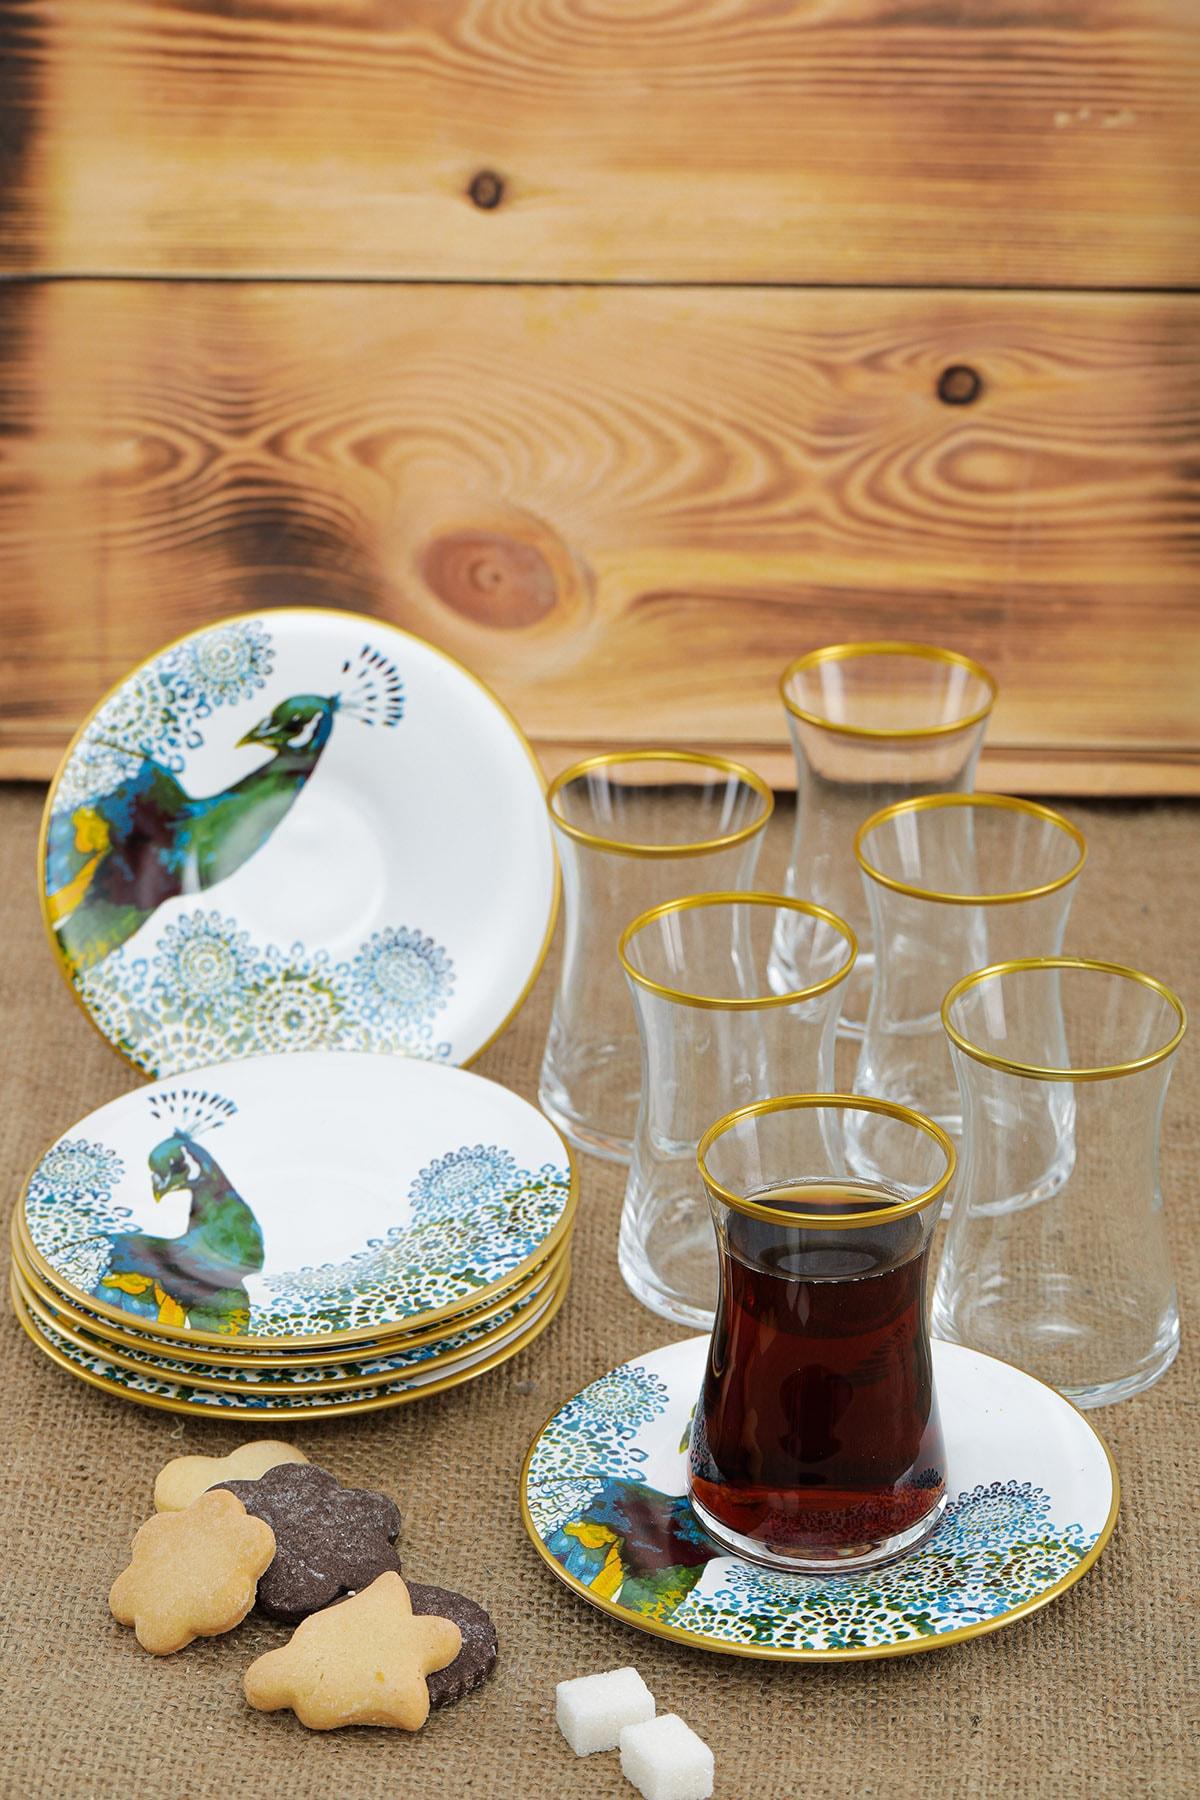 Laluxe Tavuskuşu Desenli 12 Parça Seramik Çay Bardağı Takımı Seti 2